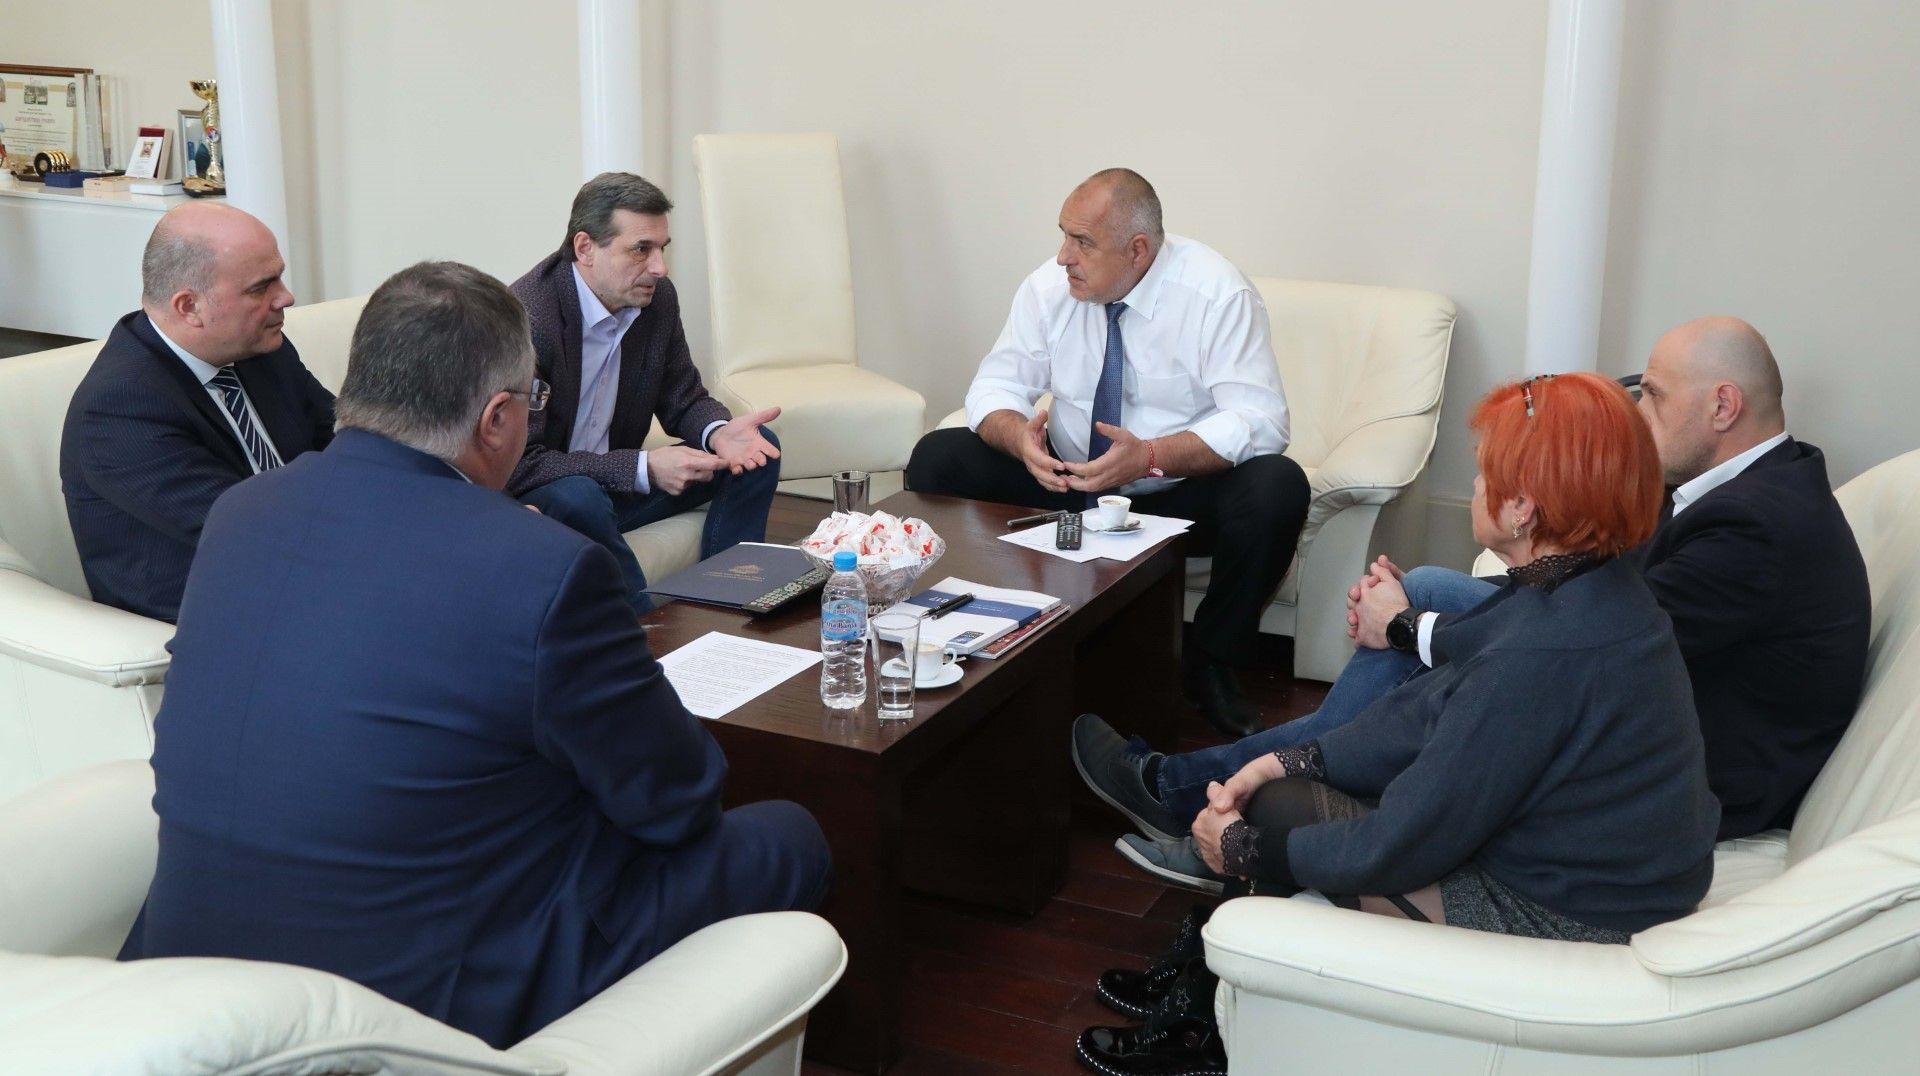 Министър-председателят Бойко Борисов проведе среща с представители на синдикалните организации, министъра на труда и социалната политика Бисер Петков, вицепремиера Томислав Дончев и управителя на НОИ Ивайло Иванов